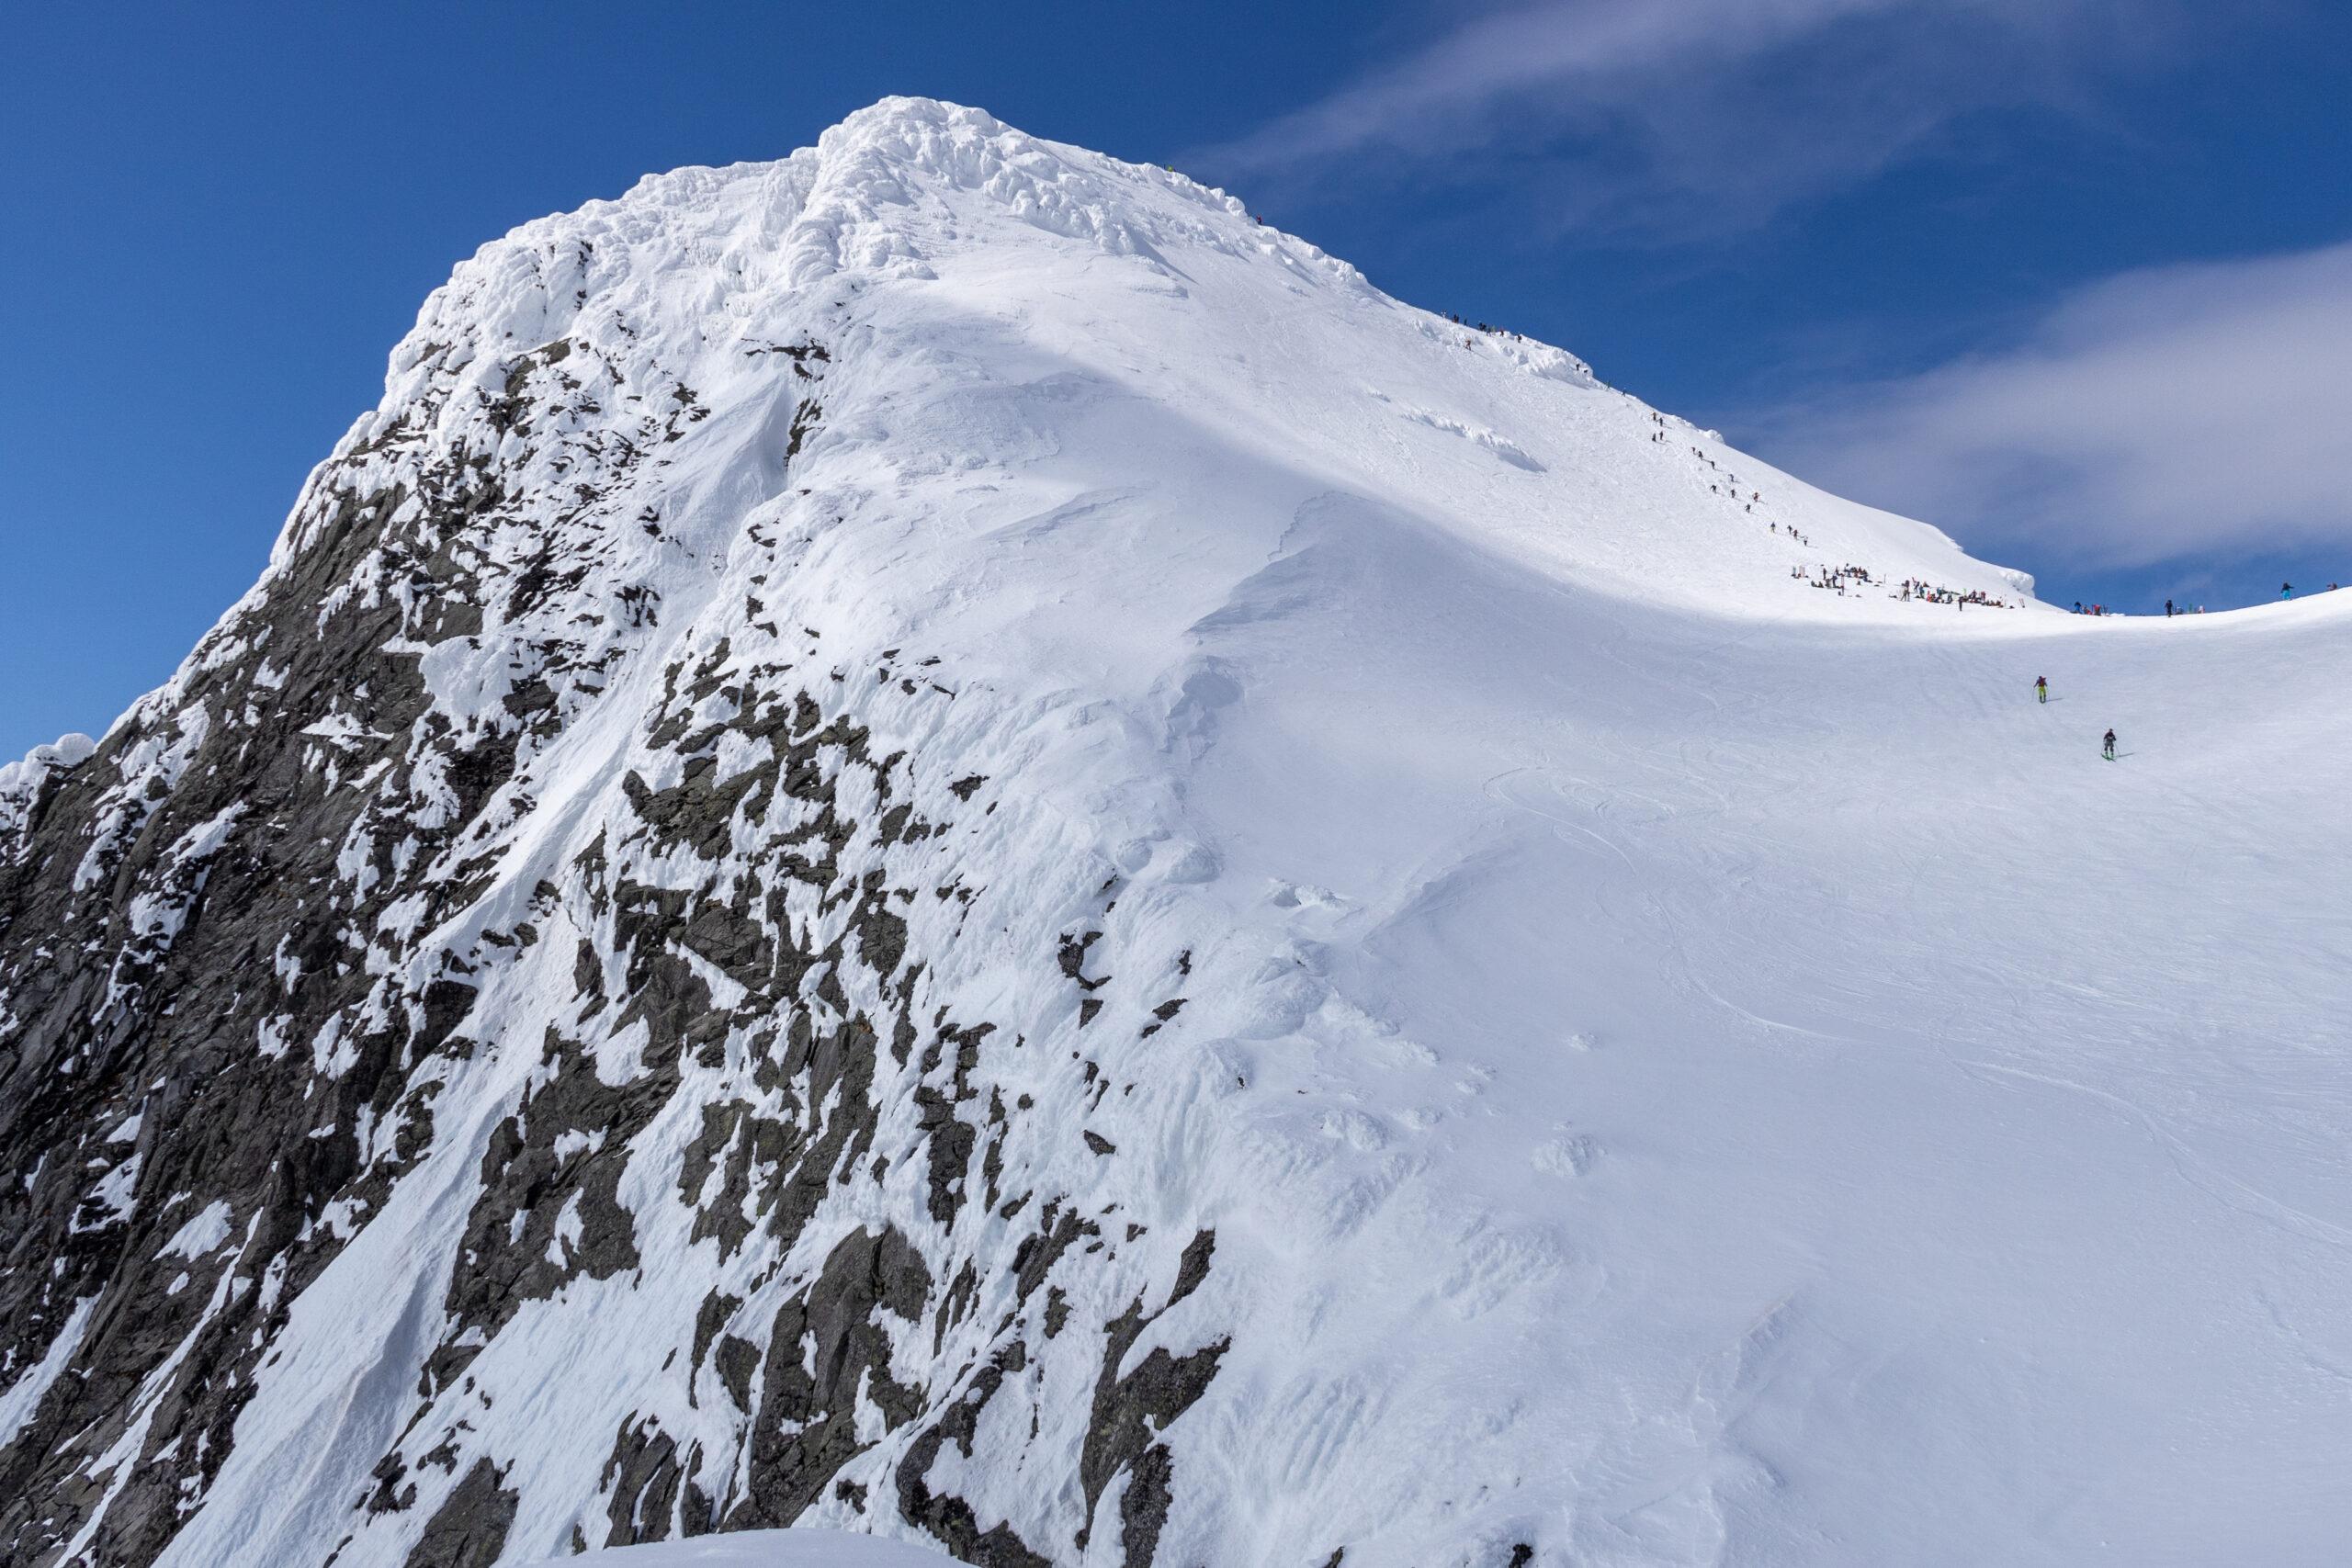 Toppen av Store Ringstind, en ski-klassiker i Hurrungane.